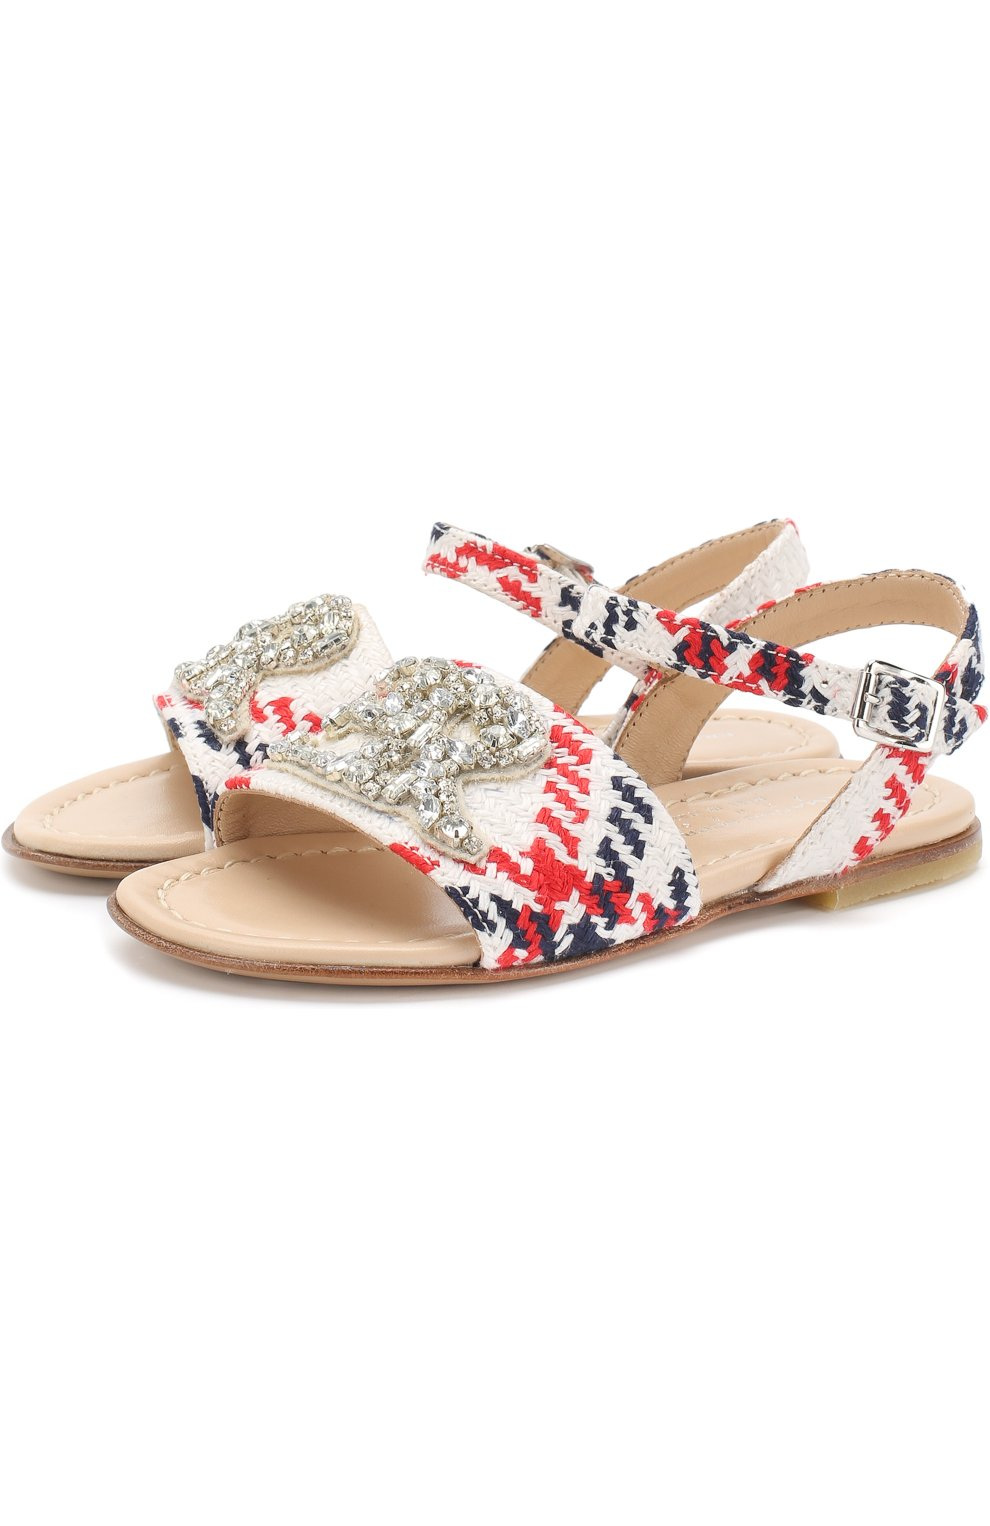 Текстильные сандалии на ремешке с кристаллами | Фото №1